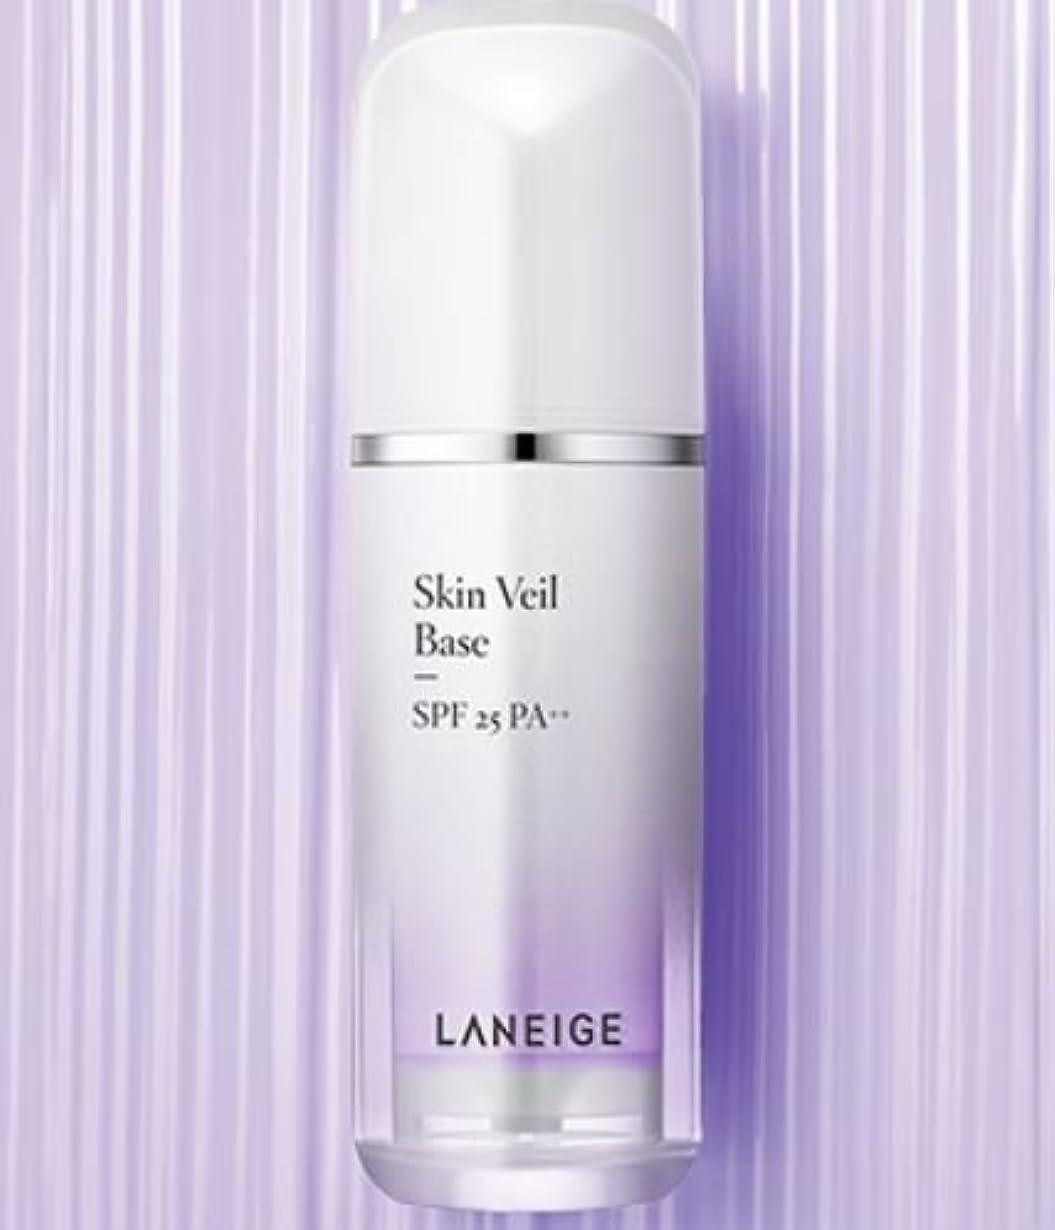 簡略化するメダリストストロー[LANEIGE] Skin Veil Base SPF25 PA++ 30ml/[ラネージュ]スキンベールベース SPF25 PA++ 30ml (# 40 Pure Violet/ピュアバイオレット) [並行輸入品]